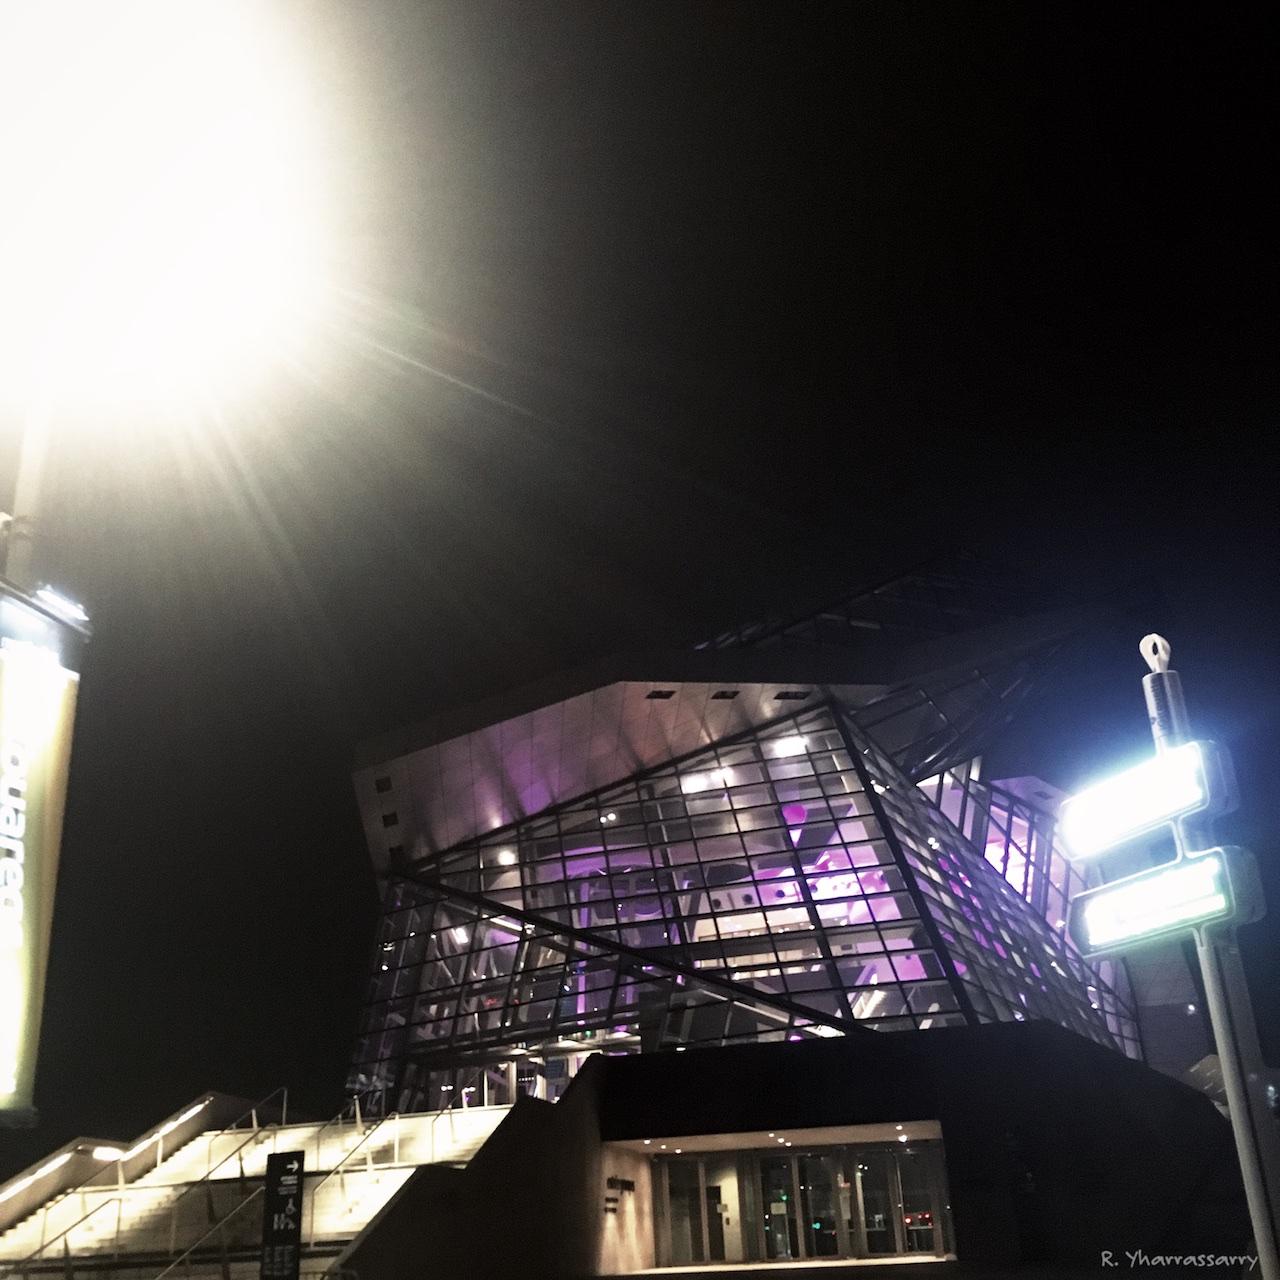 Musée des confluences de nuit